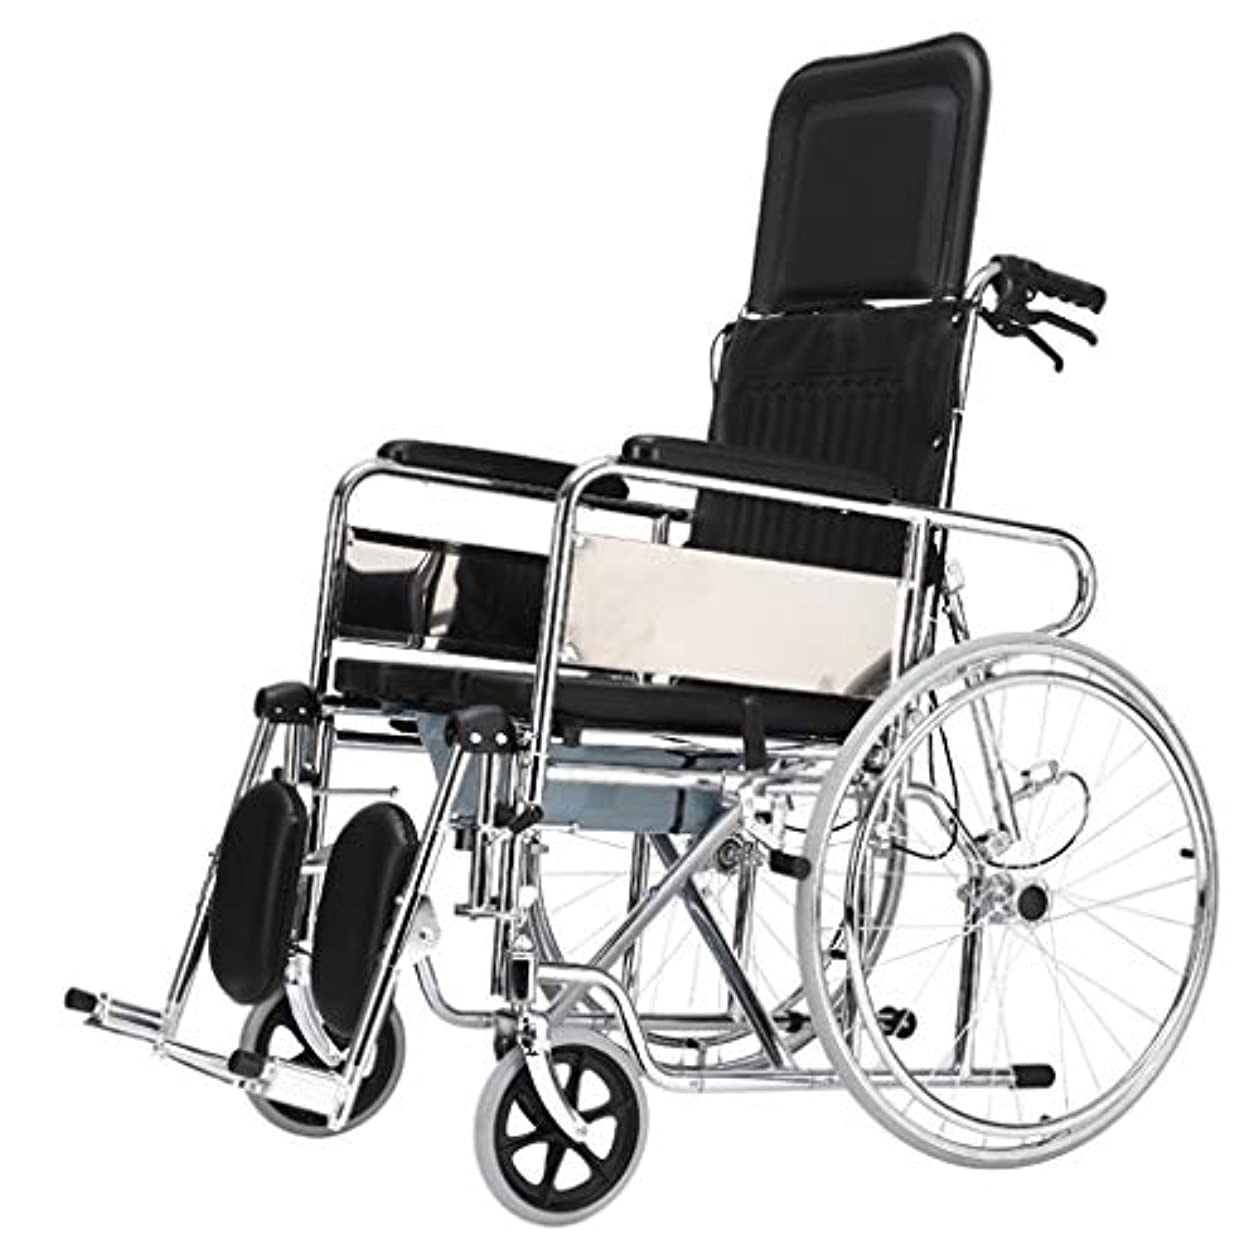 つらい住む大砲車椅子トロリー屋外旅行パートナー、多機能フルレイ/セミライニングデザイン、高齢者障害者車椅子